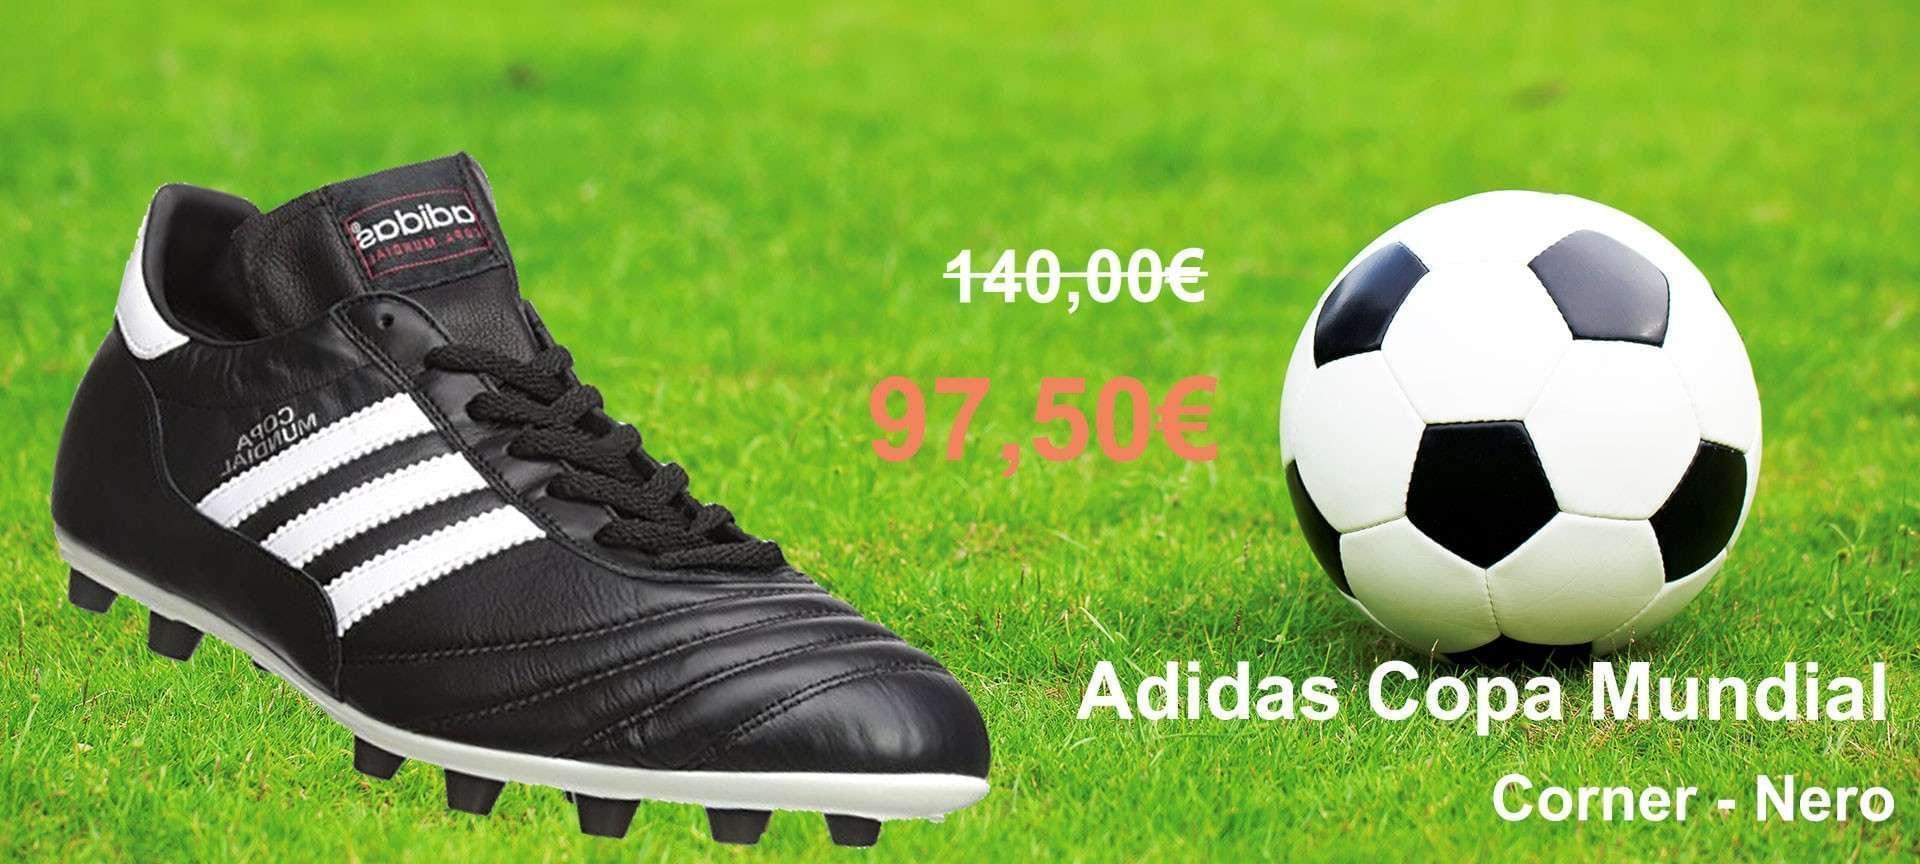 Adidas Copa Mundial Corner Nero